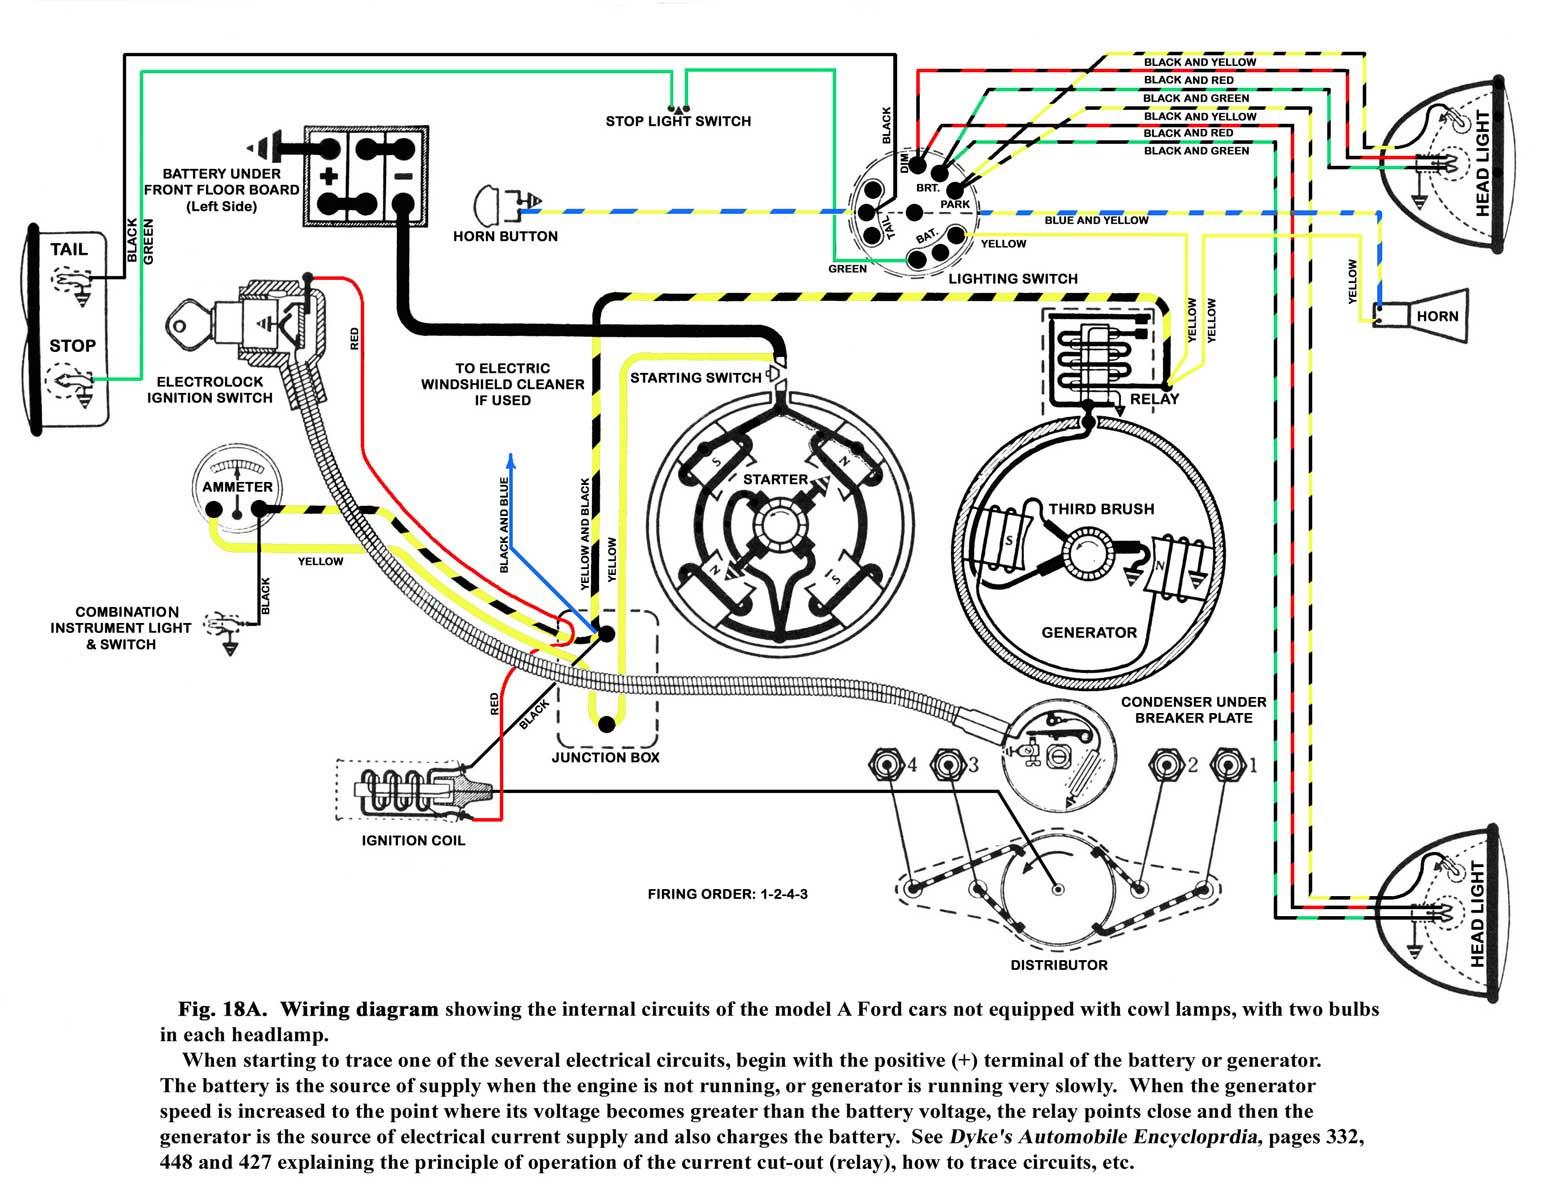 1929 Dodge Wiring Diagram Data Chrysler Pt Cruiser Schematics 8 Cilin 56